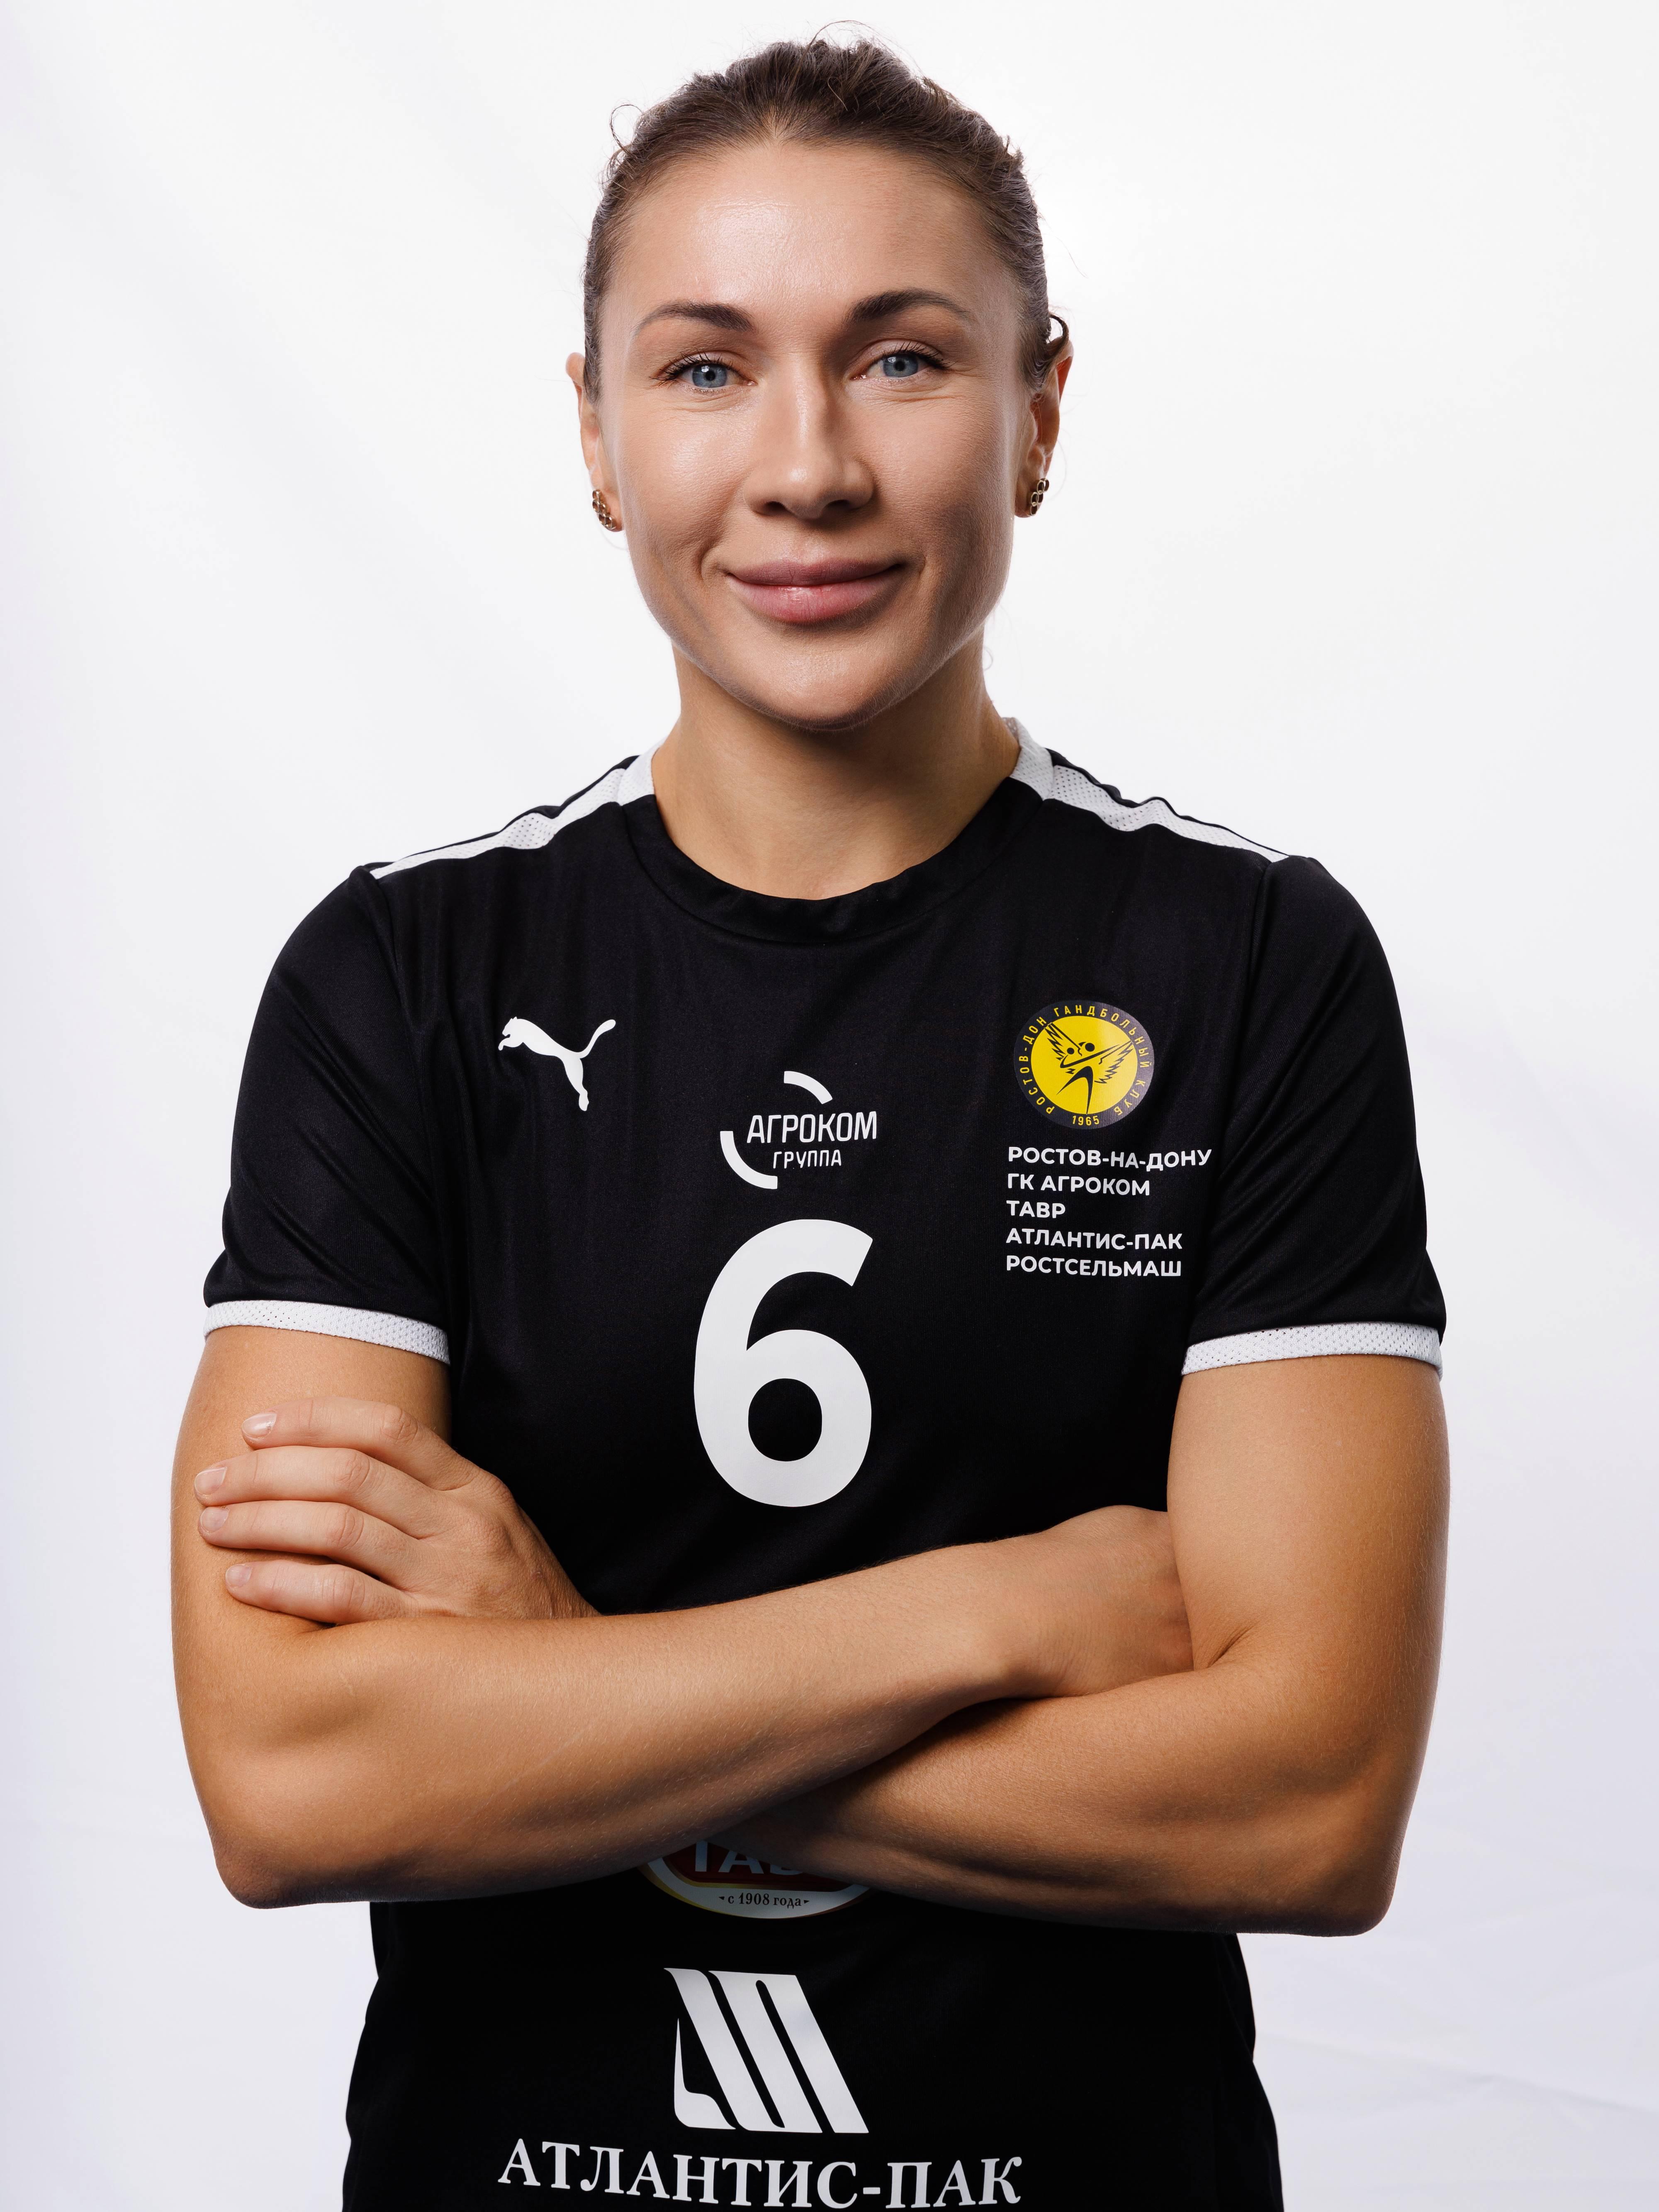 Манагарова Юлия Анатольевна